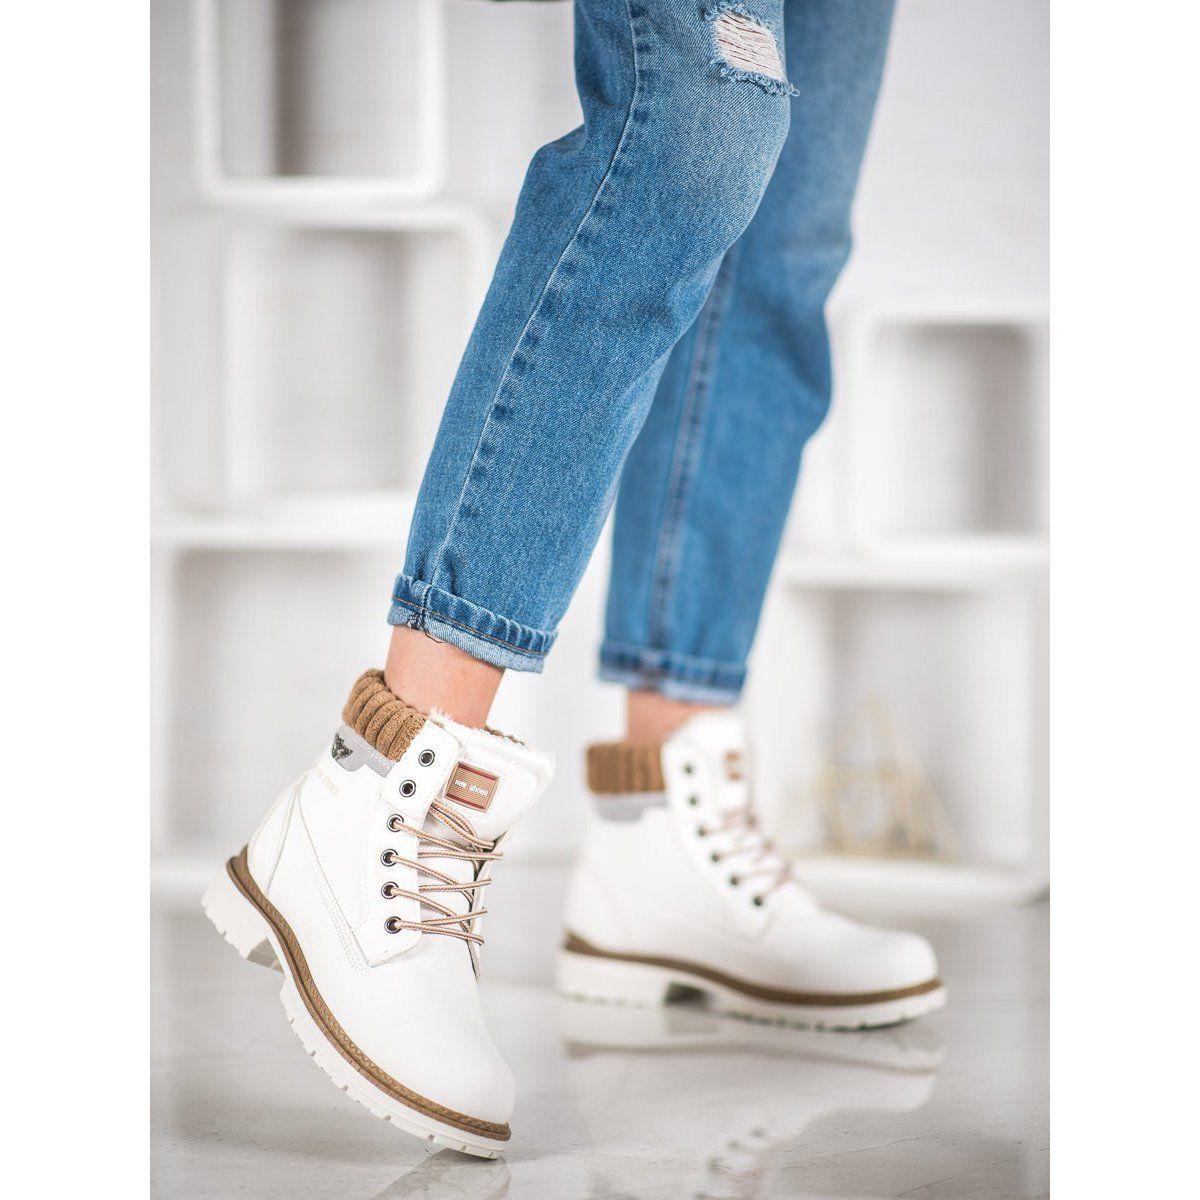 Shelovet Biale Trapery Wedge Sneaker Sneakers High Top Sneakers